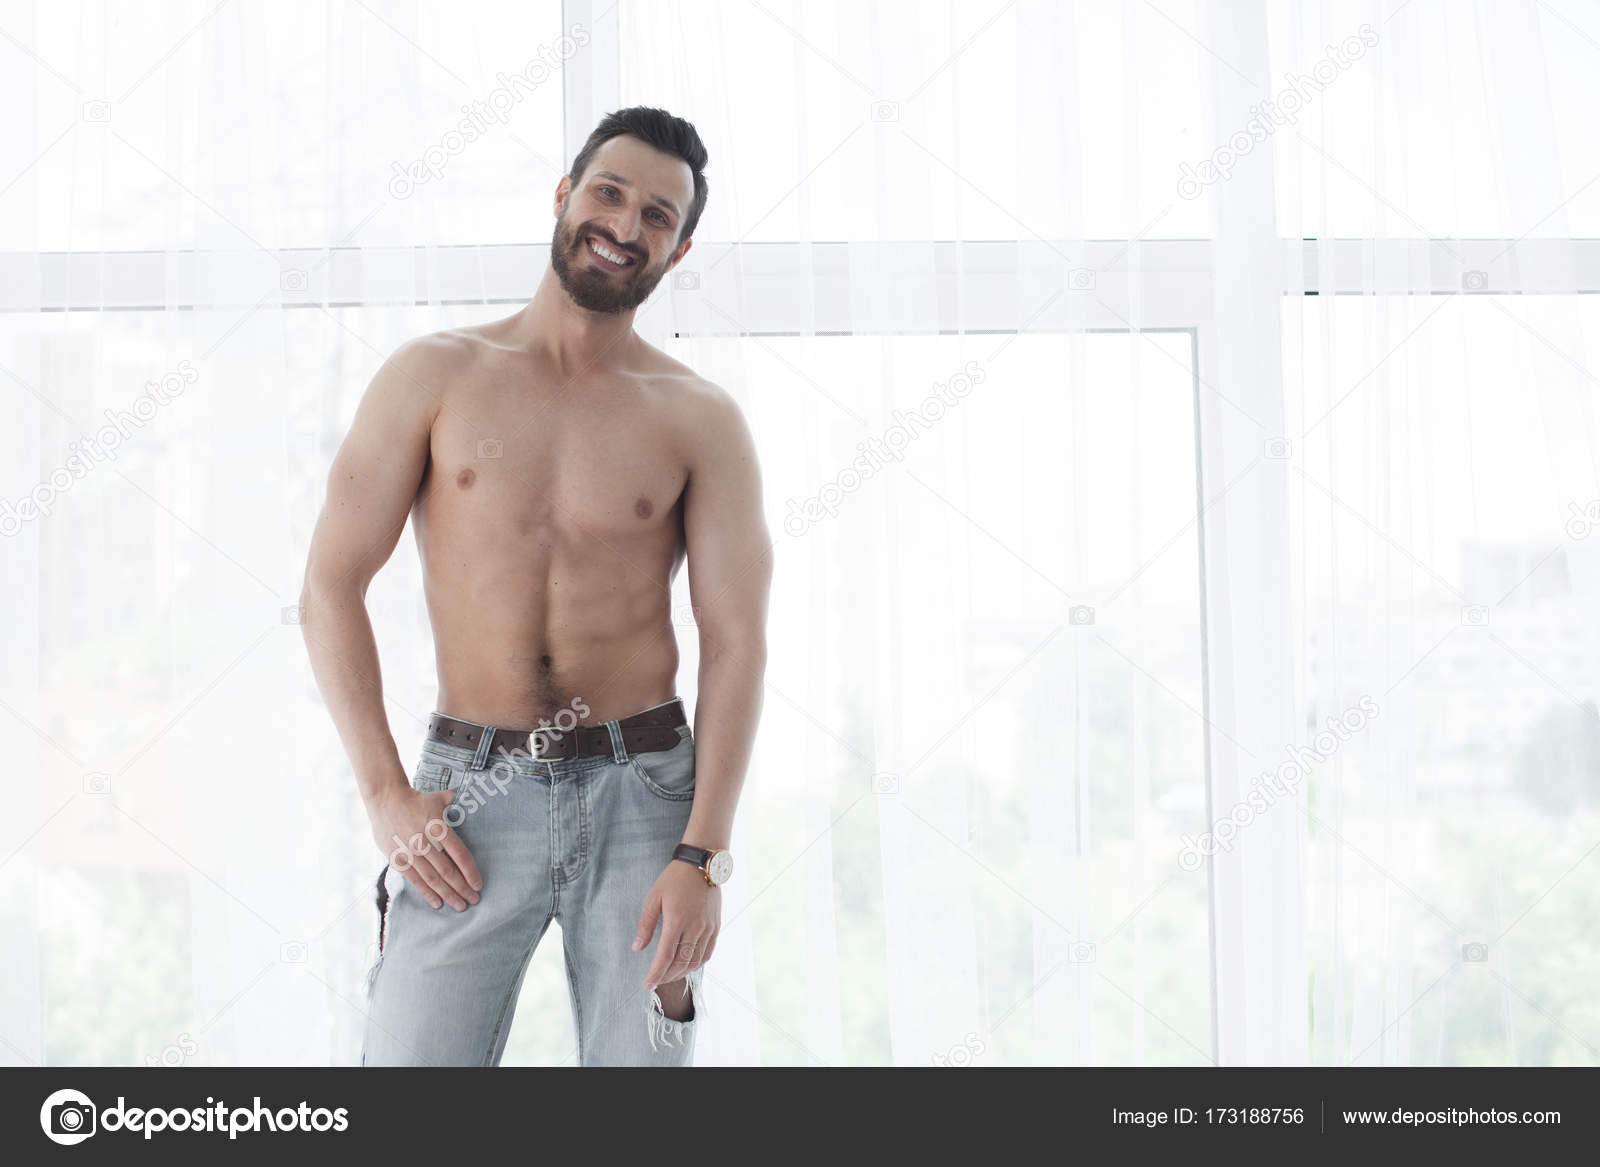 καυτά γυμνό έφηβοι pic μαύρο βρώμικο μουνί